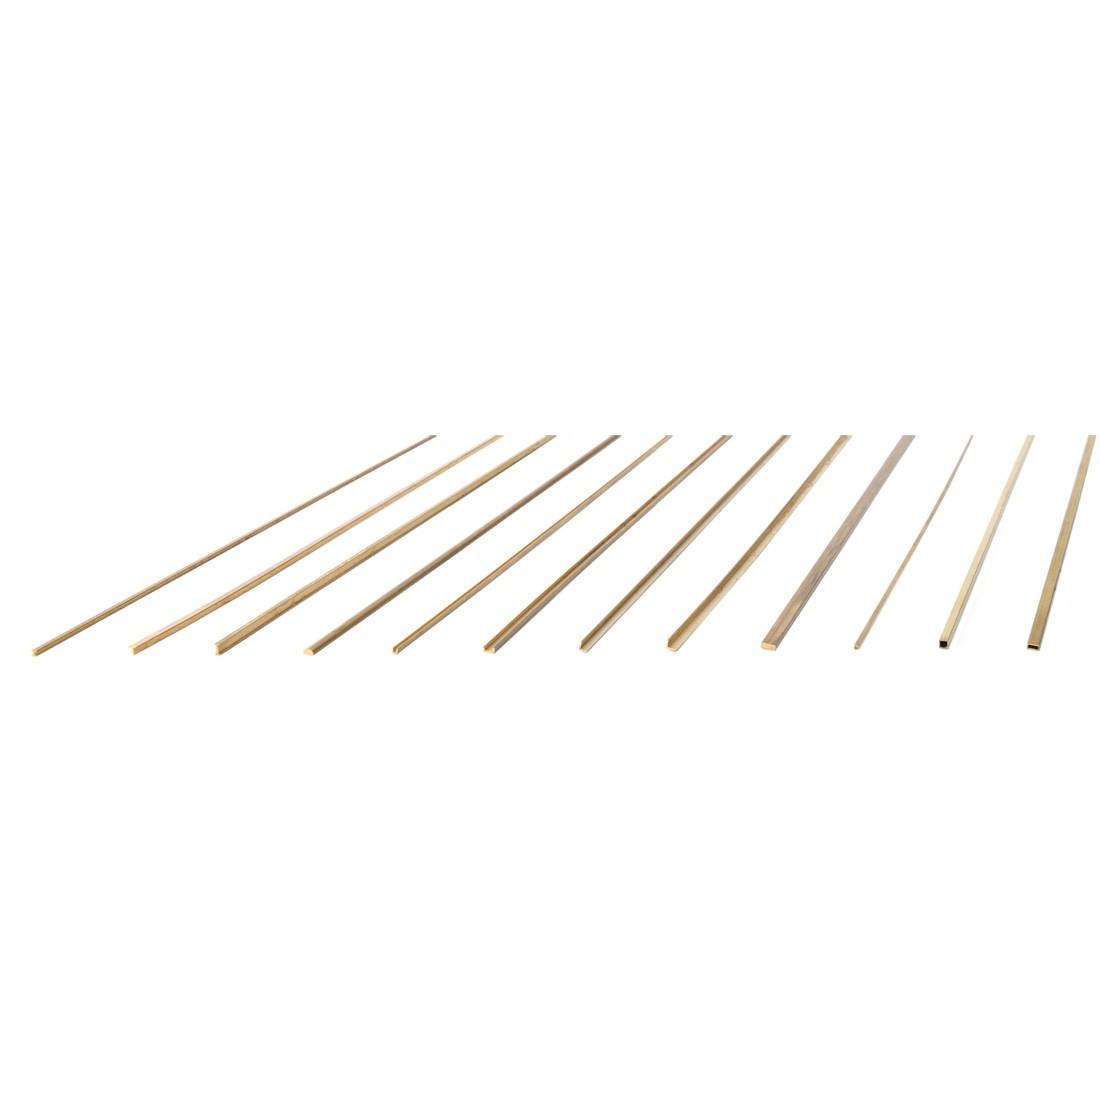 Microprofilati Ottone mm. 3x3x500 sez. L